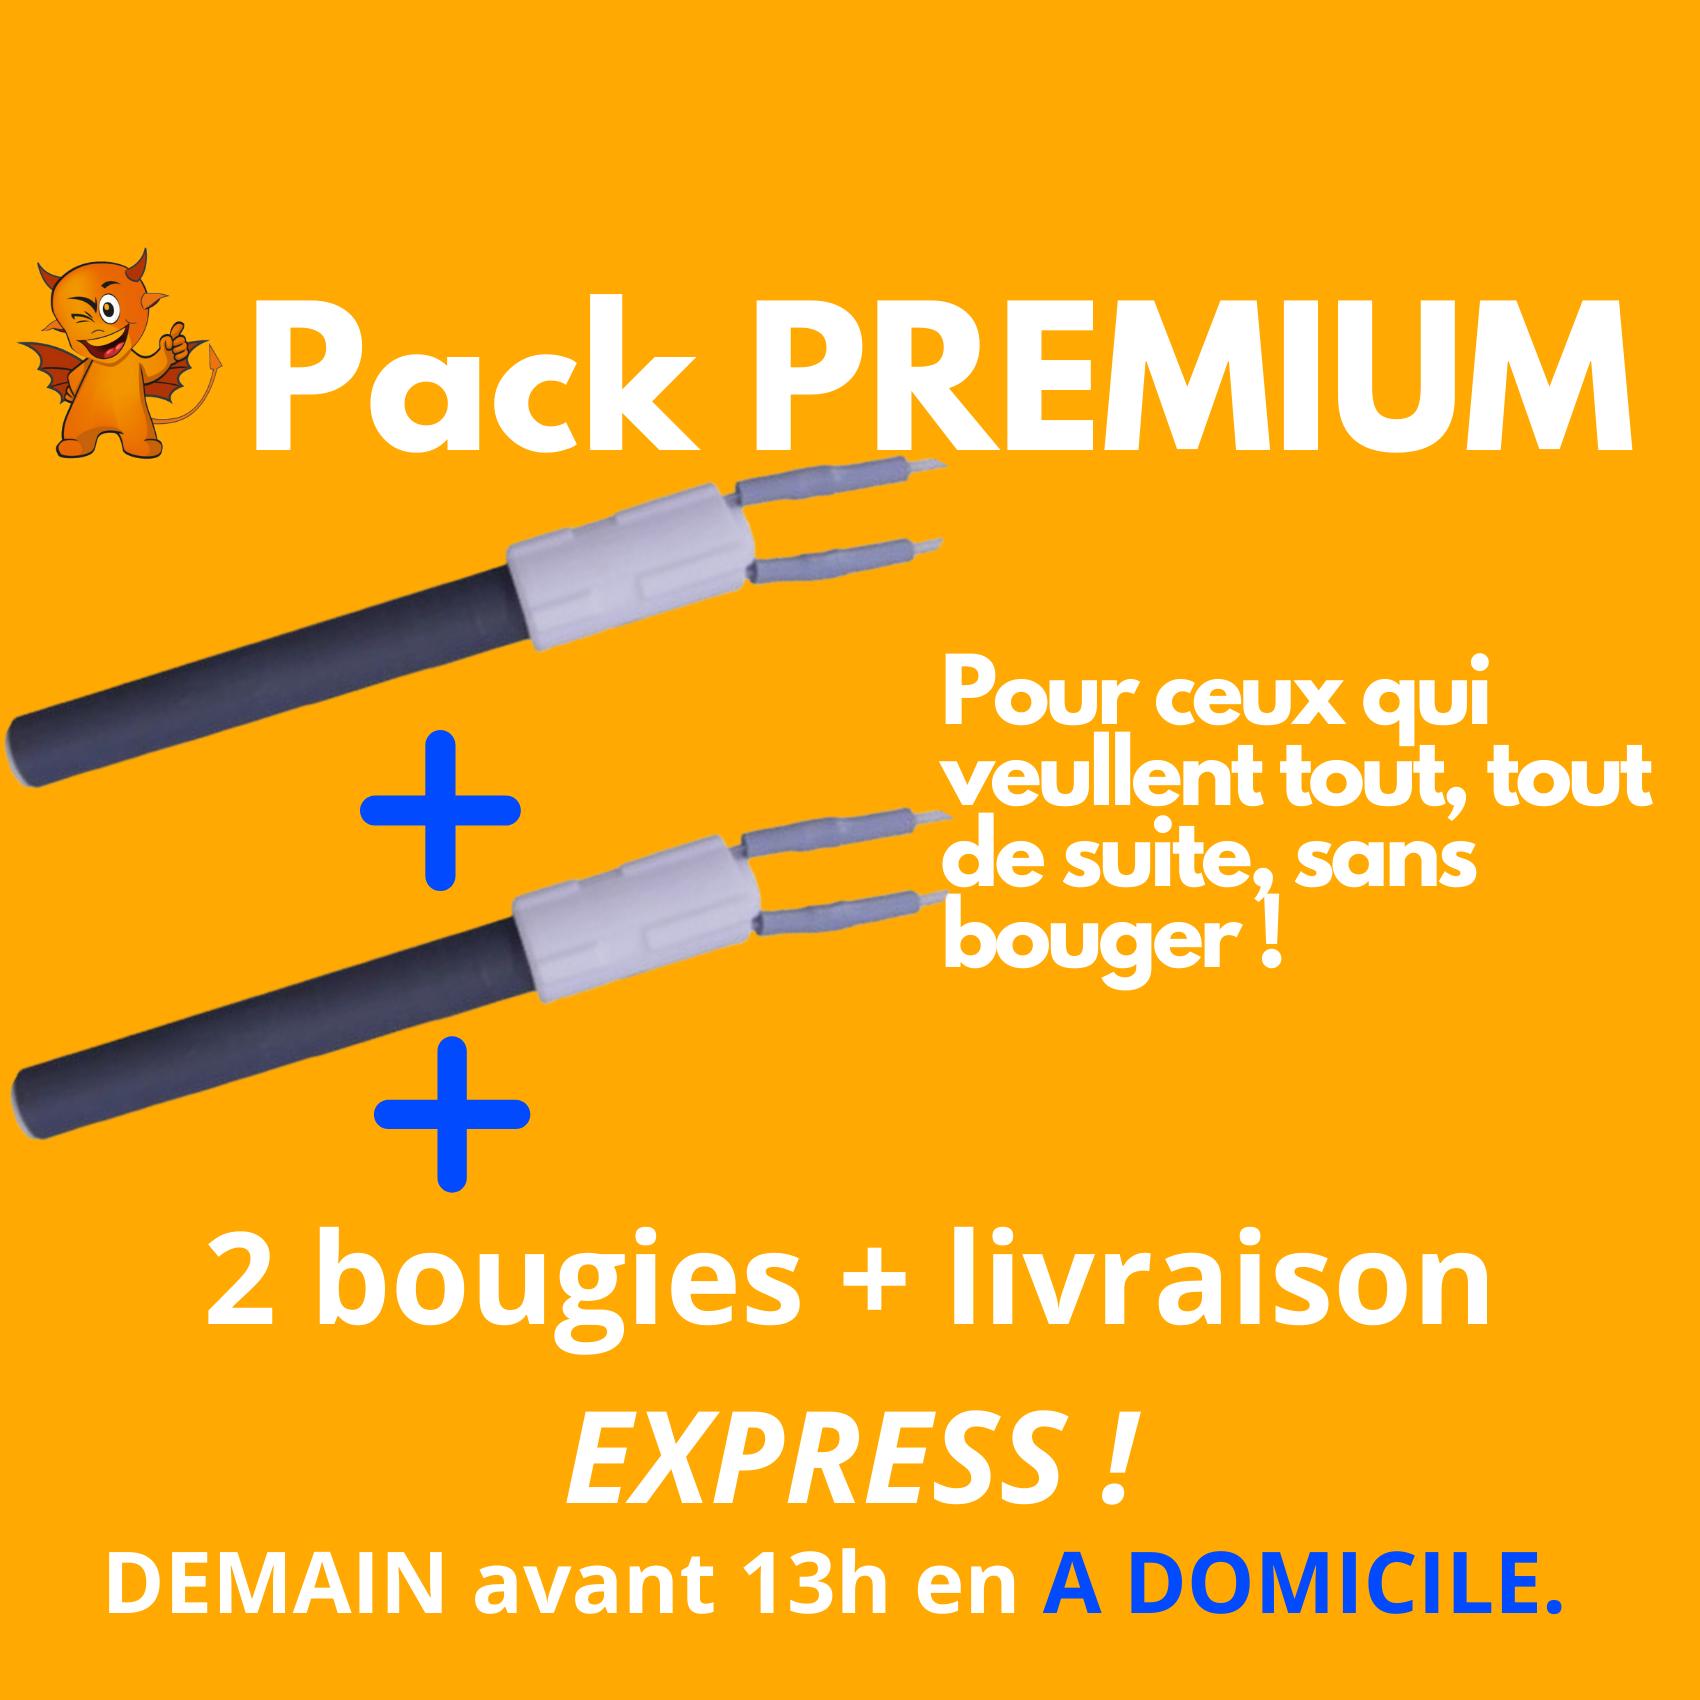 PACK PREMIUM : 2 BOUGIES + livraison express demain avant 13h A DOMICILE !